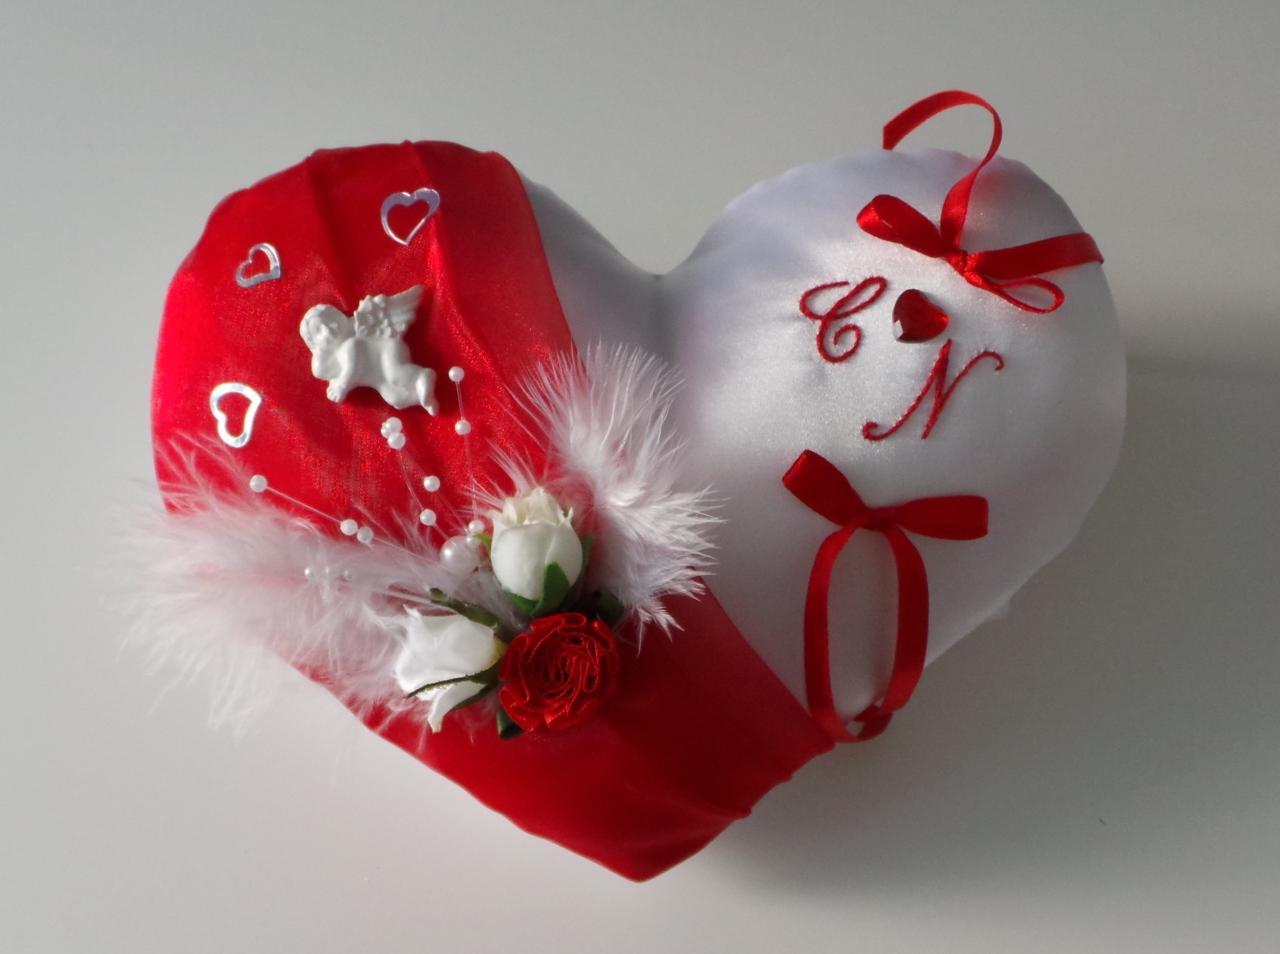 Coussin alliance coeur rouge thème des anges personnalisé